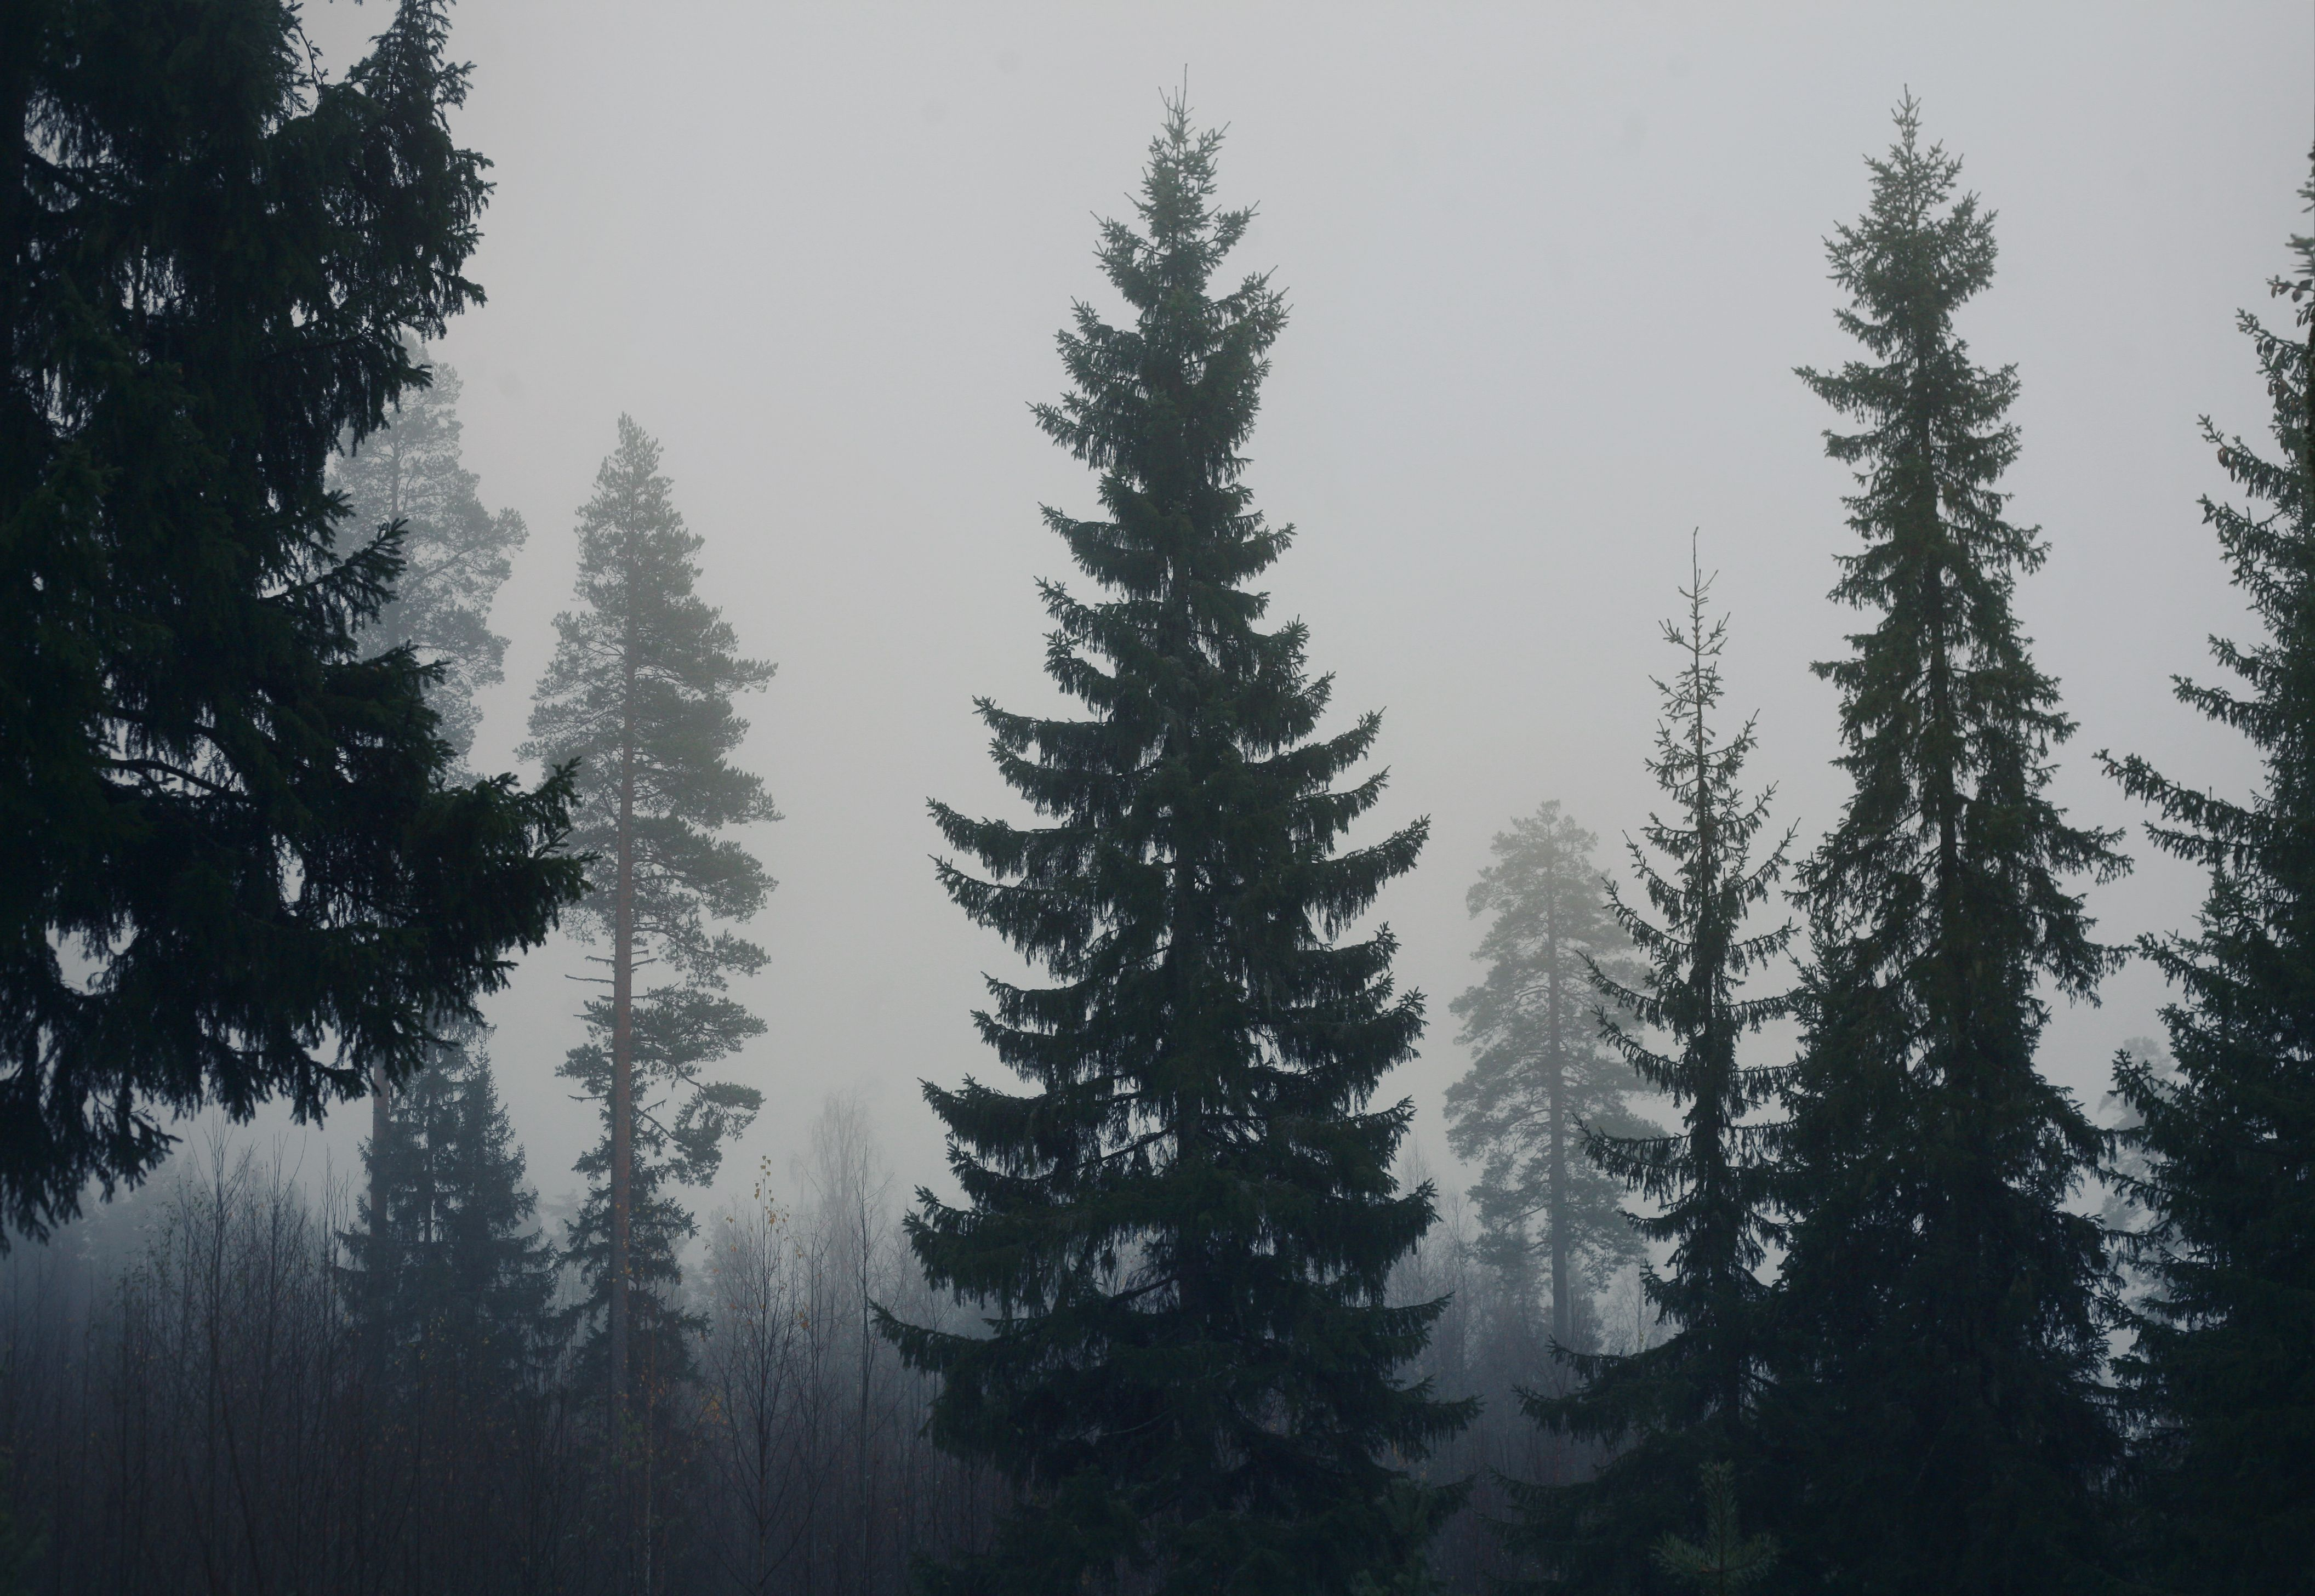 680715852955efd7a3c8ojpg 42242152912 dark forest dark